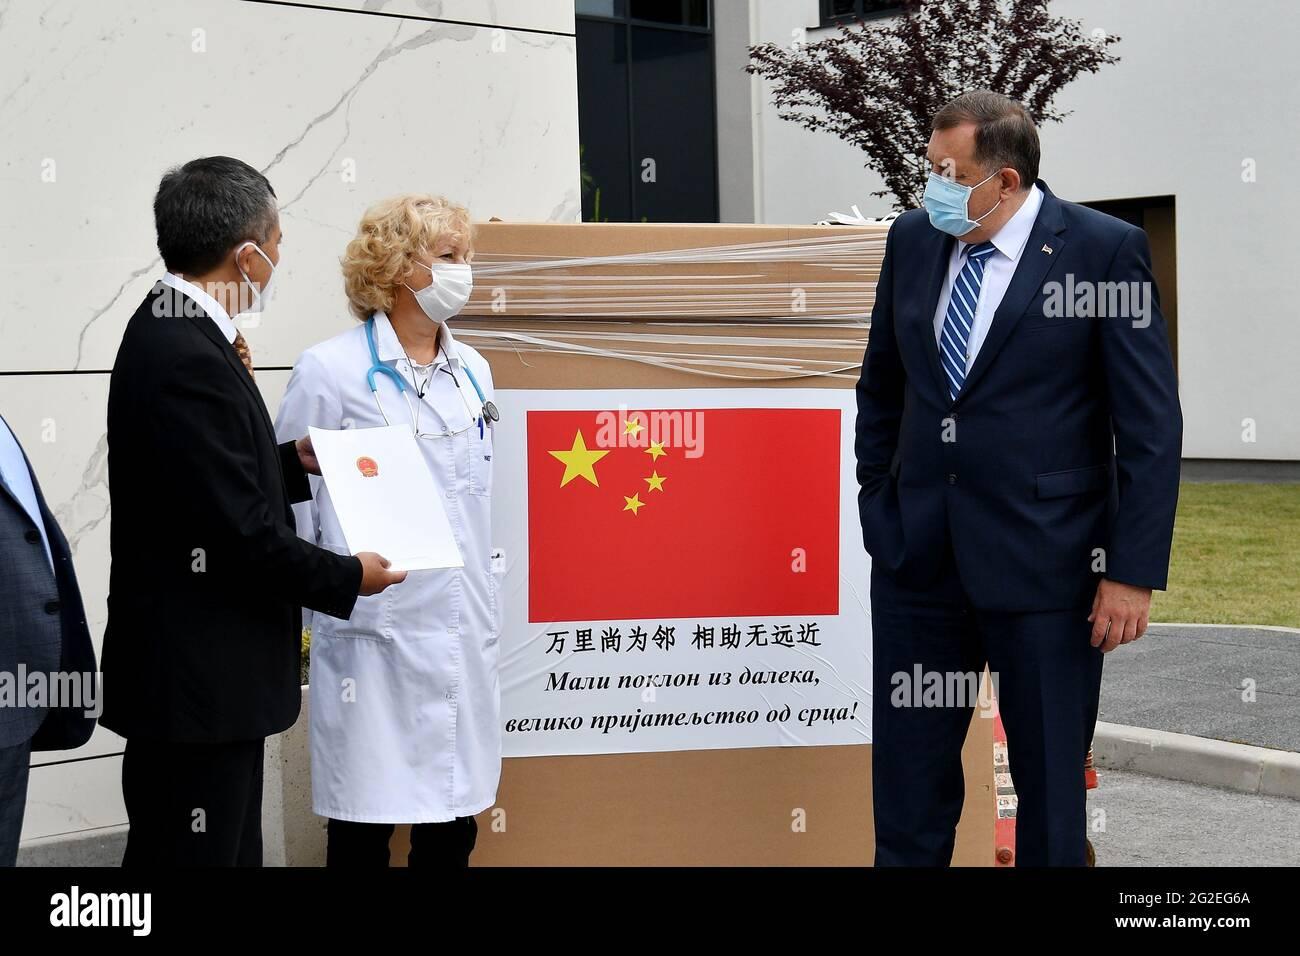 (210611) -- SARAJEVO, 11 juin 2021 (Xinhua) -- Milorad Dodik (R), président de la présidence de Bosnie-Herzégovine (BiH), Jadranka Jovovic (C), directeur du département d'oncologie et d'hématologie de l'hôpital serbe, Et Ji Ping (L), ambassadeur de Chine en Bosnie-Herzégovine, assistent à une cérémonie de don d'un cabinet de sécurité biologique (également connu sous le nom de chambre cyto) à l'hôpital serbe, à Sarajevo-est, en Bosnie-Herzégovine, le 10 juin 2021. L'ambassade chinoise en Bosnie-Herzégovine a fait don jeudi d'un cabinet de sécurité biologique à l'hôpital serbe de Sarajevo-est. POUR ALLER AVEC « la Chine fait don de matériel médical à l'hôpital de Bosnie-Herzégovine » Banque D'Images